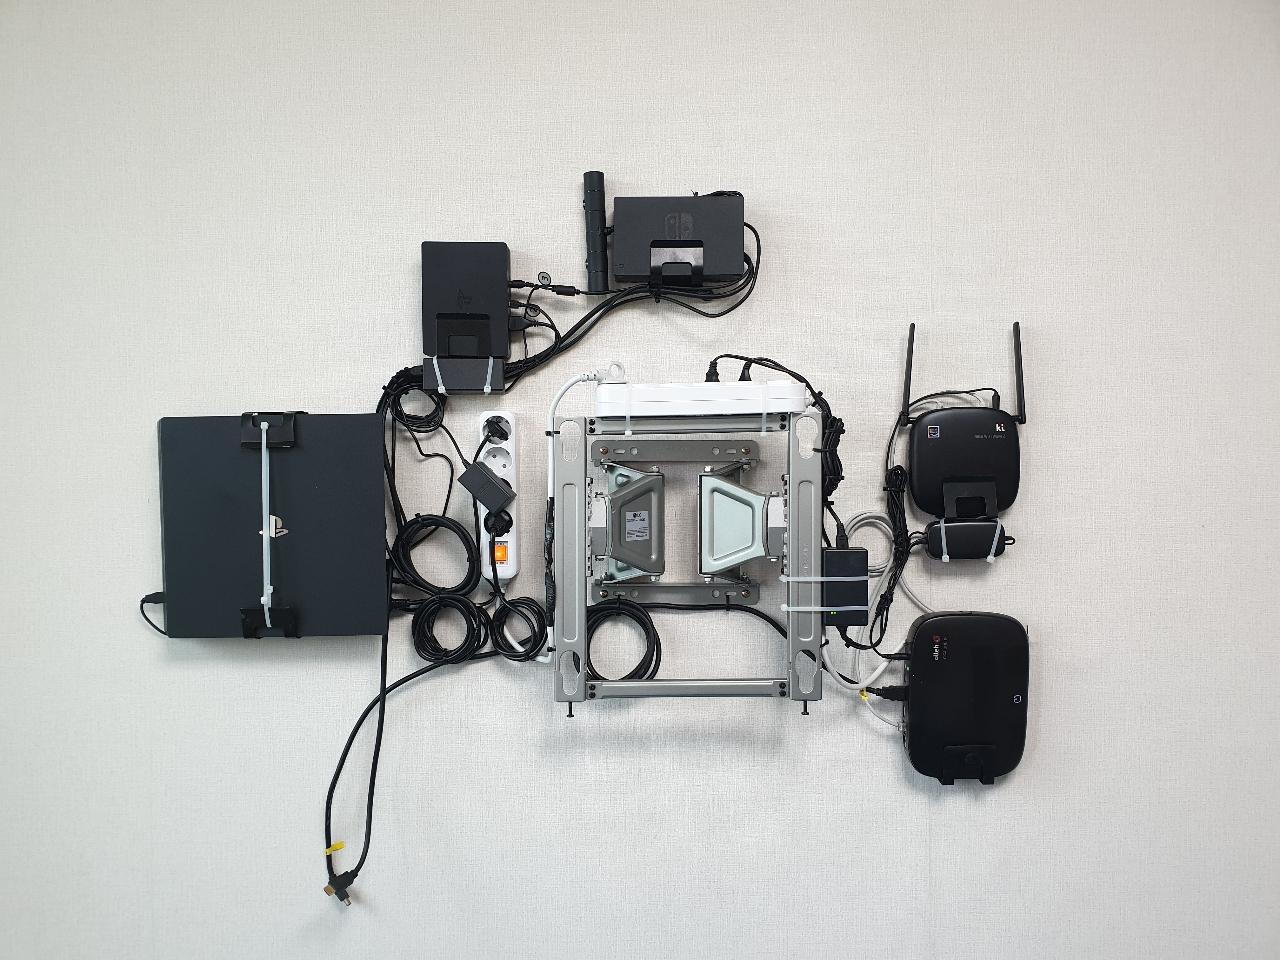 벽걸이TV설치,셋탑박스매립,선없는티비,빔프로젝트설치,천정형티비,LED시계판매,LED시계매립설치